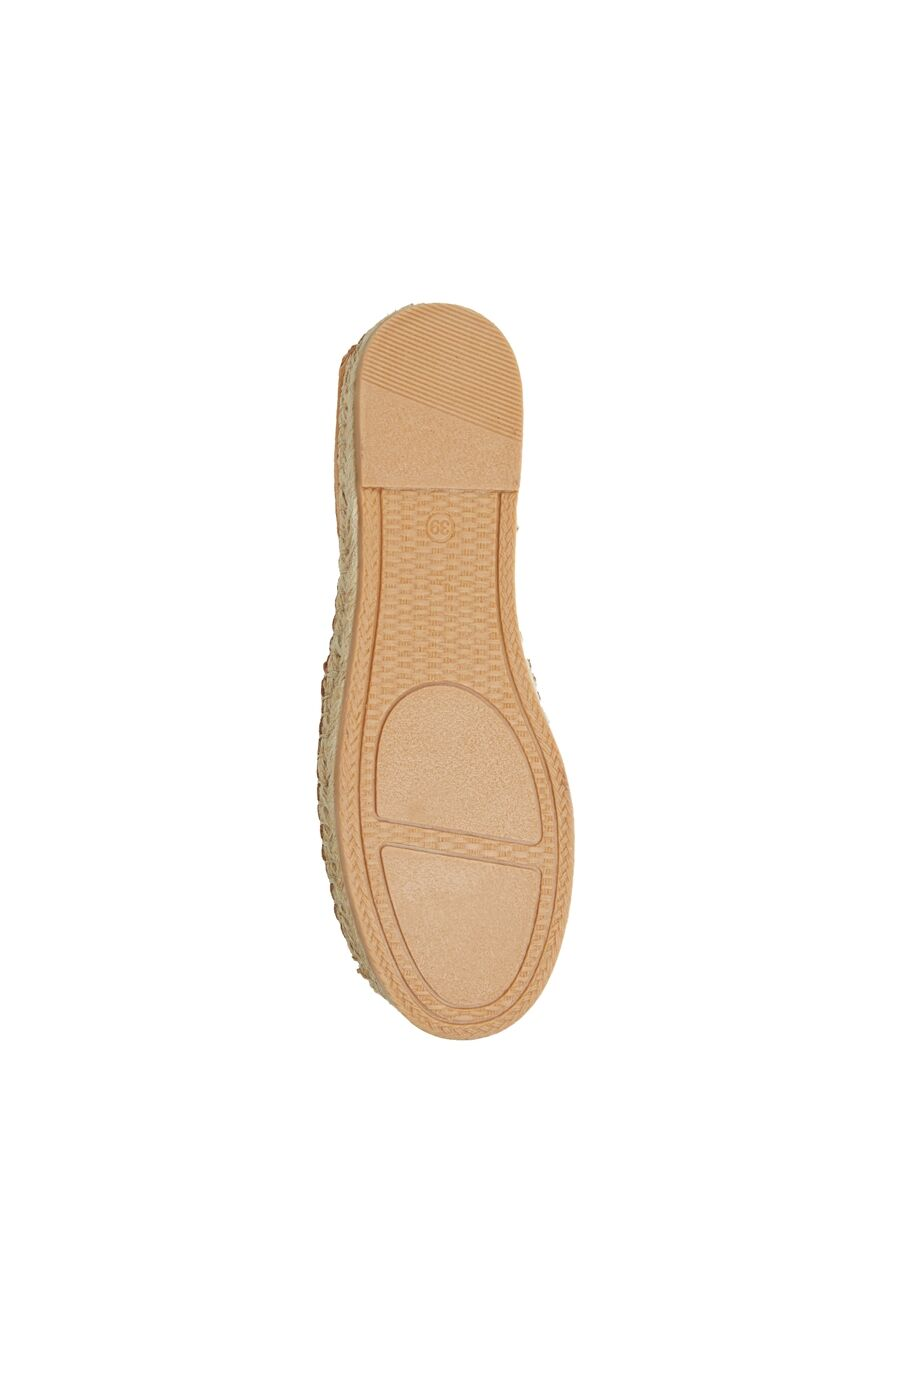 Kadın Taba Hasır Tabanlı Ayakkabı